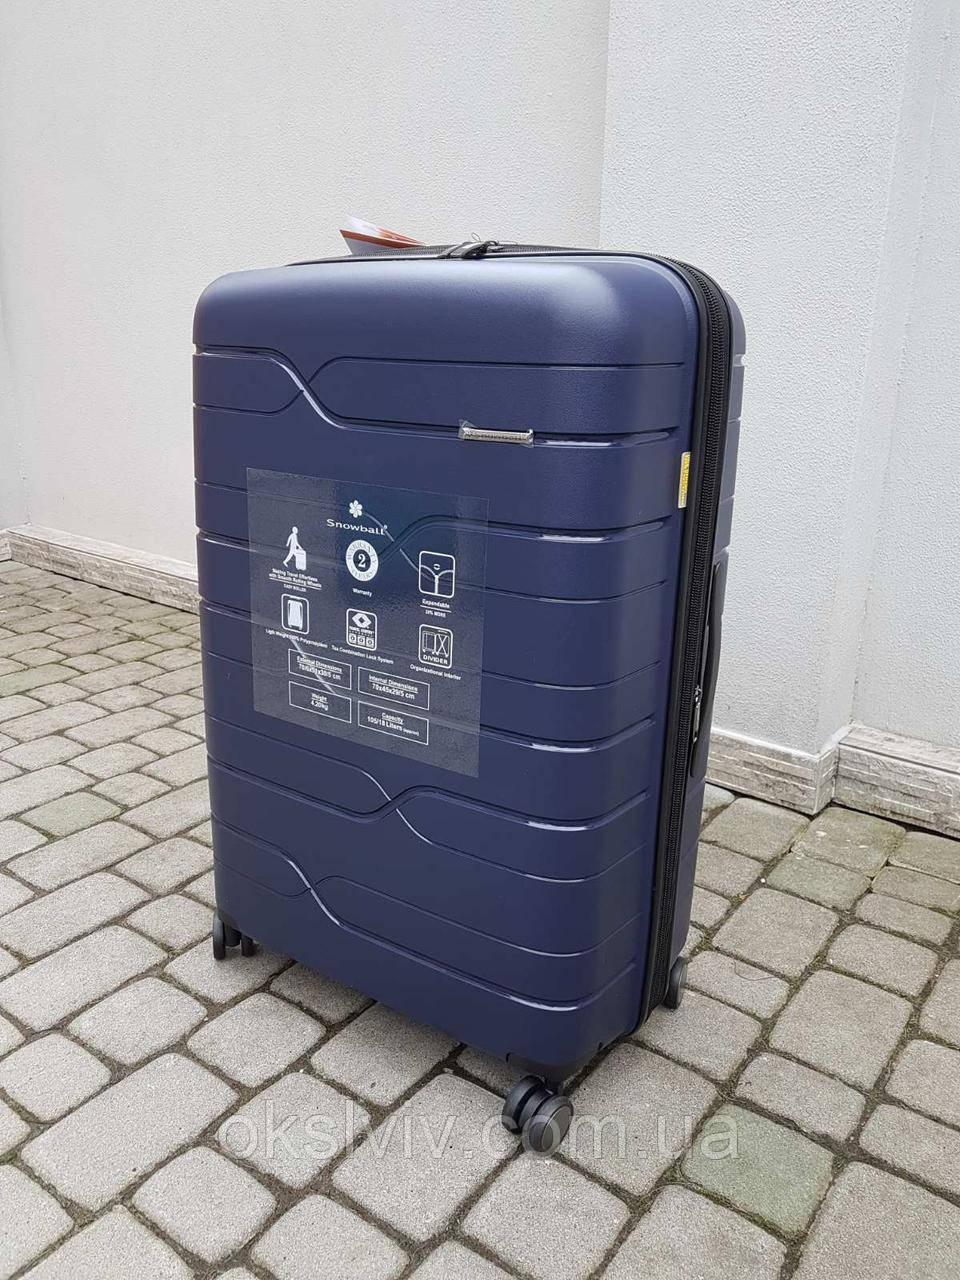 SNOWBALL 96103 Франція валізи валізи, сумки на колесах є